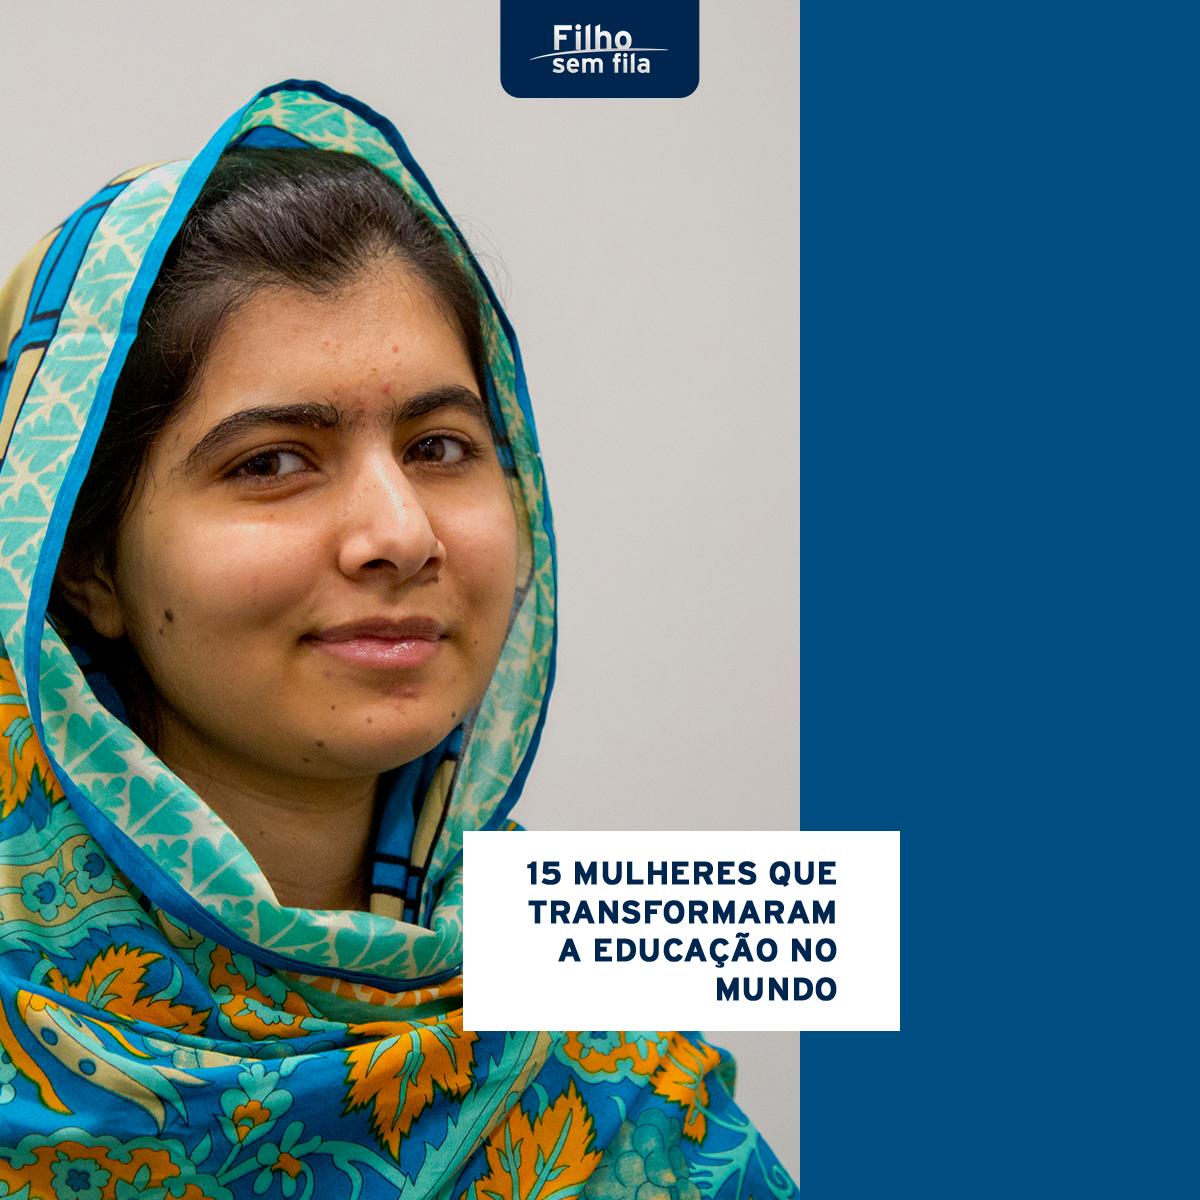 15 mulheres que transformaram a educação no mundo